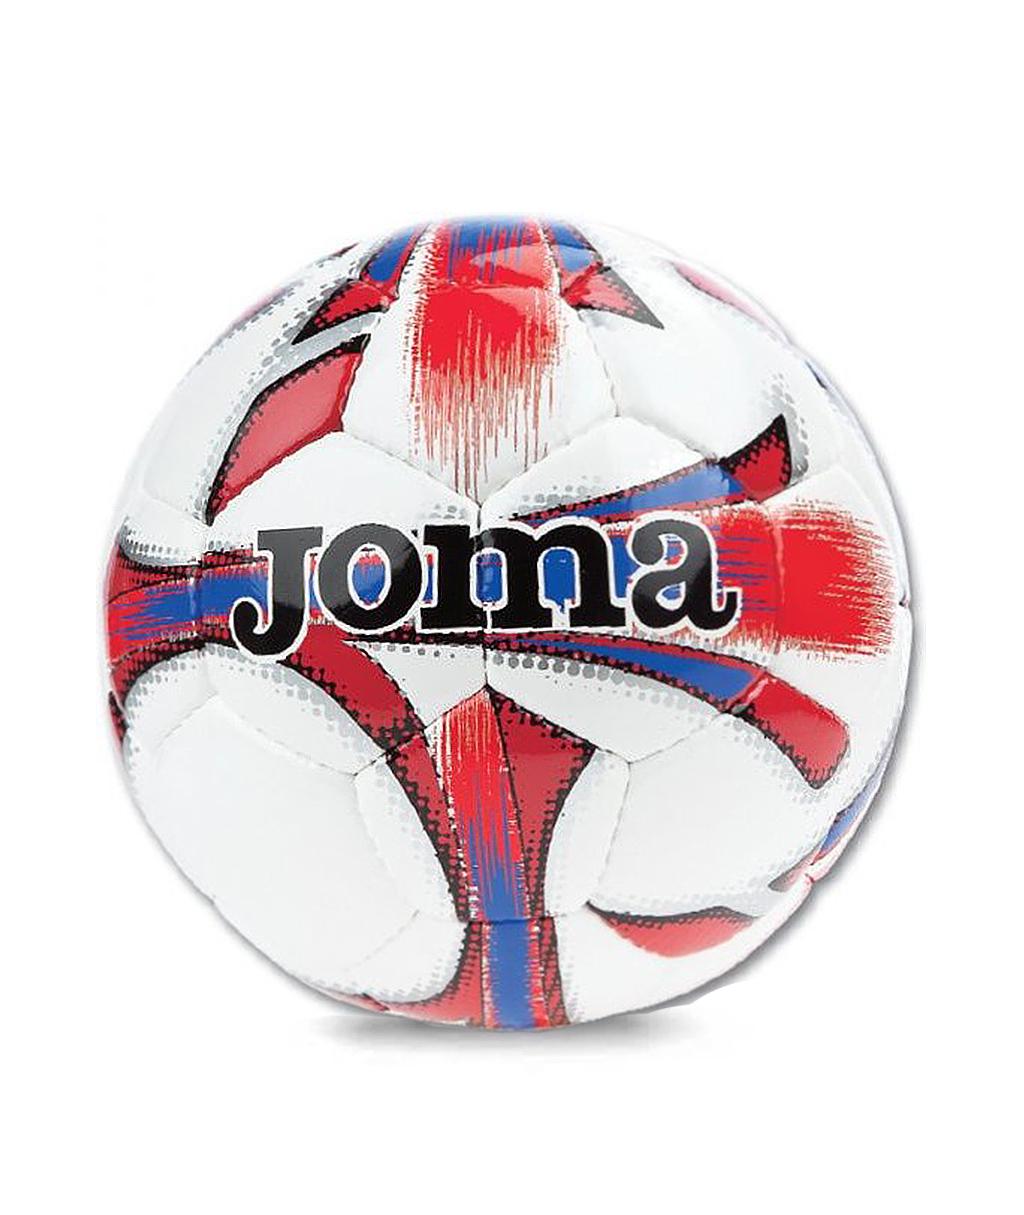 Купить мяч Joma DALI 400083.600 Размер 4, 5 в интернет-магазине